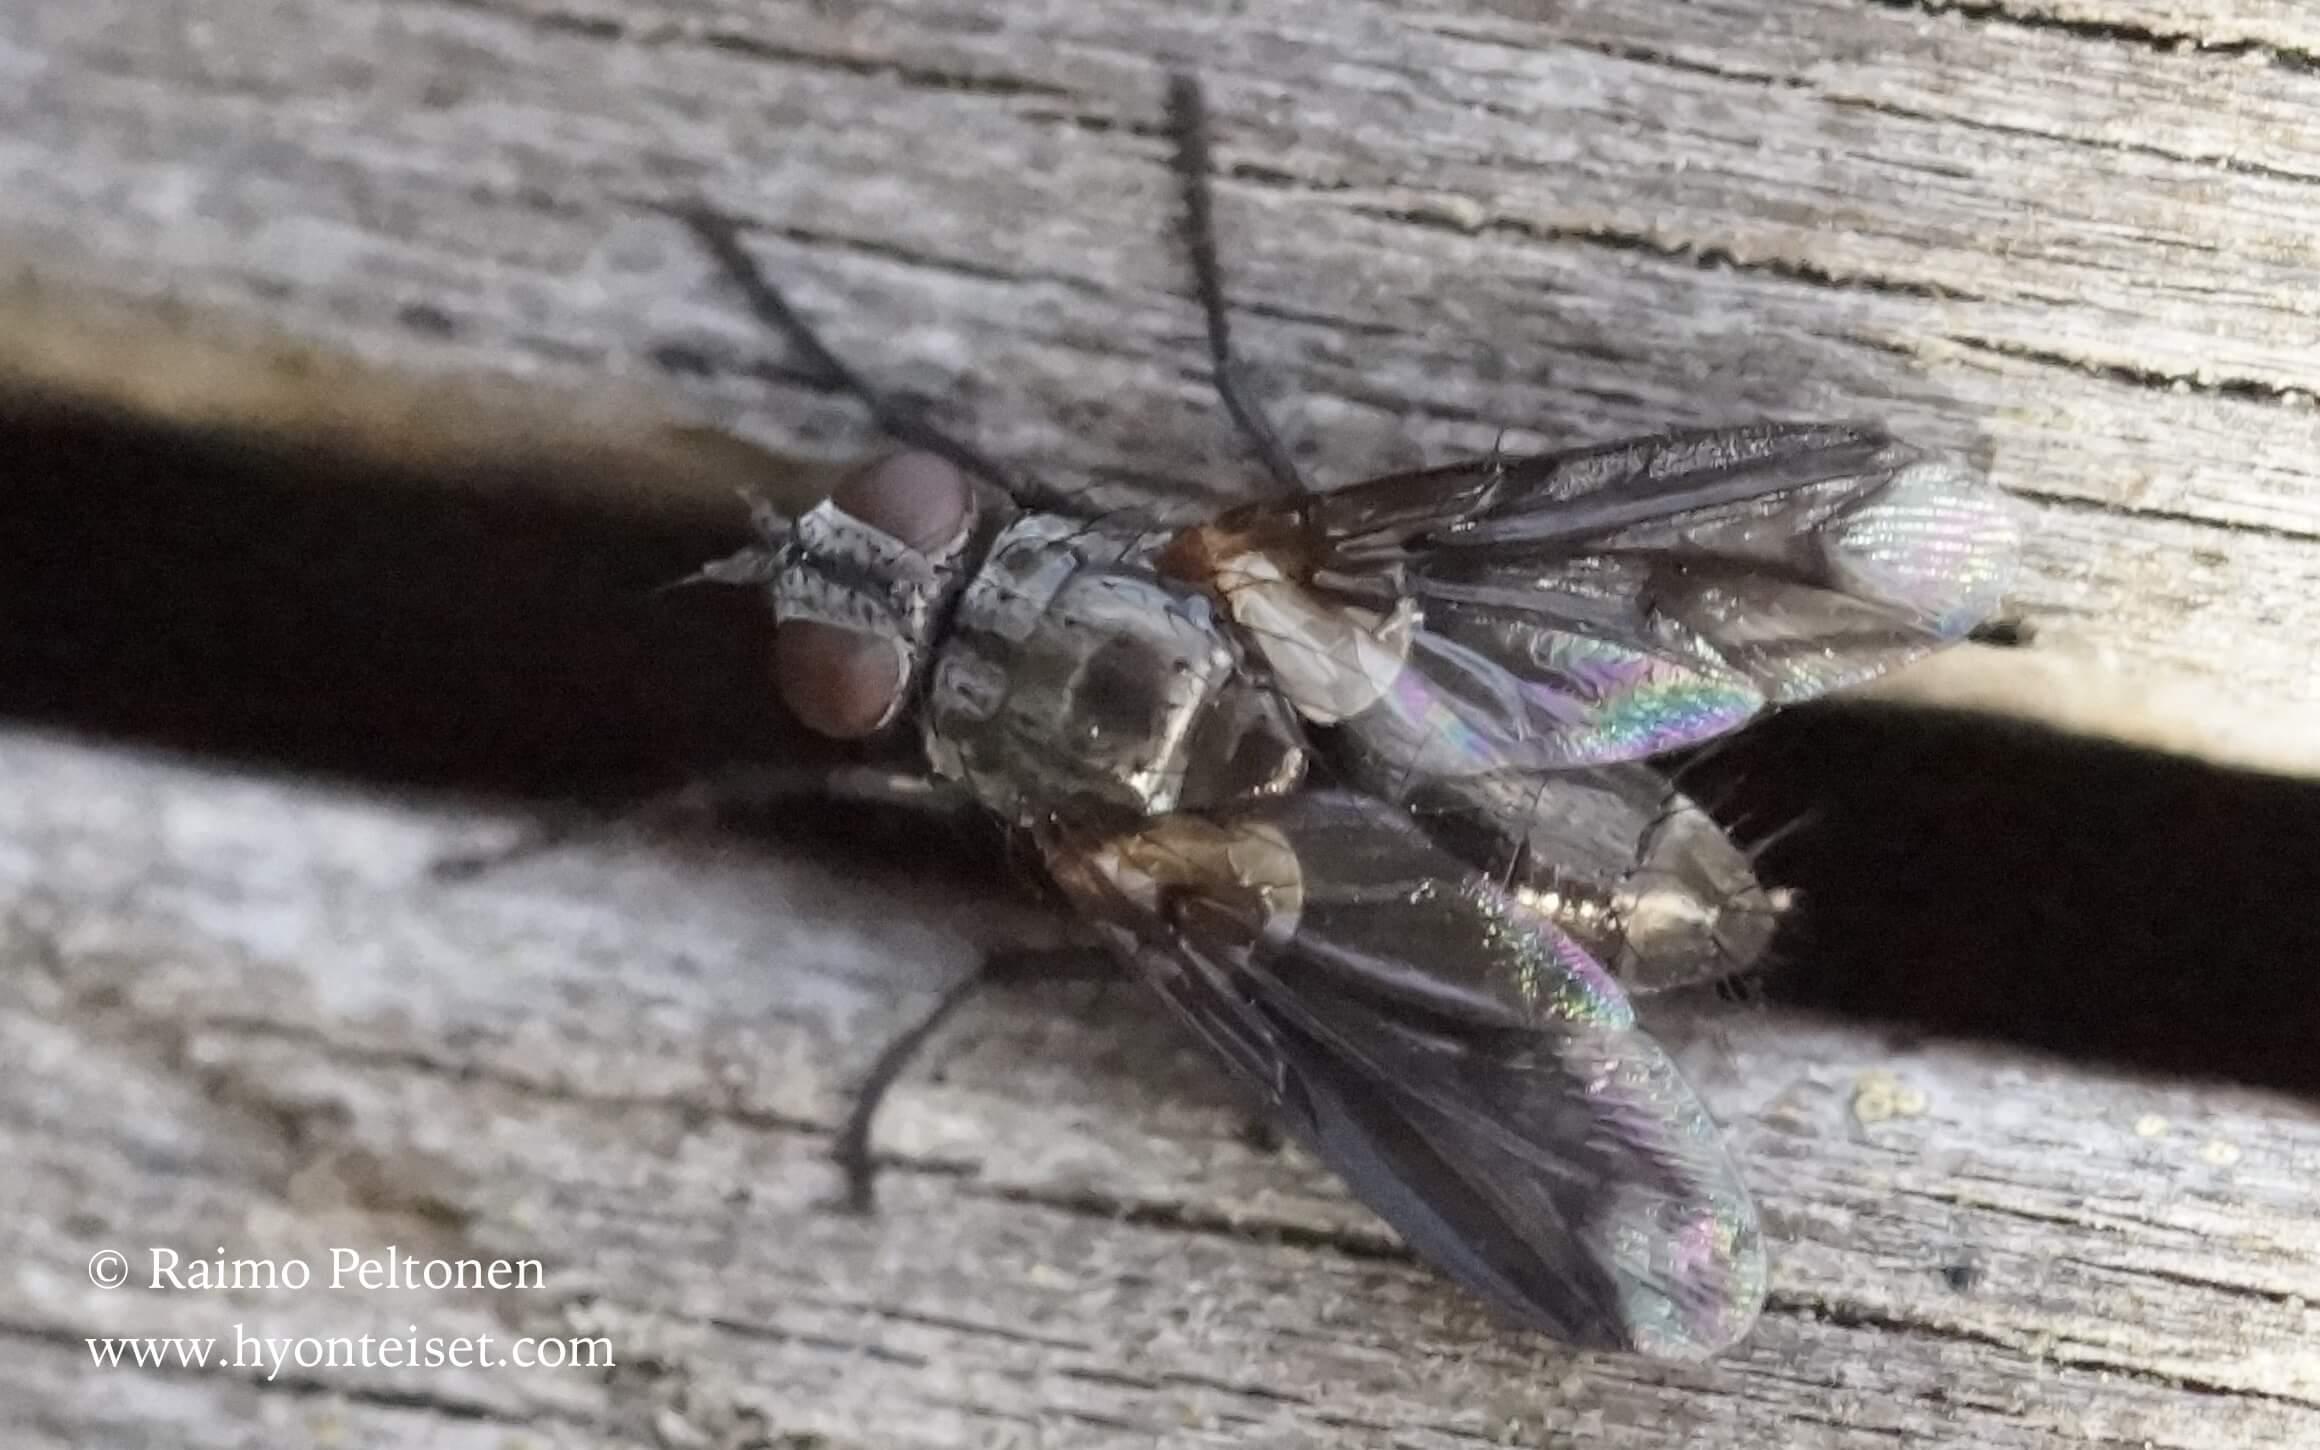 Nyctia lugubris (Sarcophagidae) (det. Piluca Alvarez) GRAN CANARIA